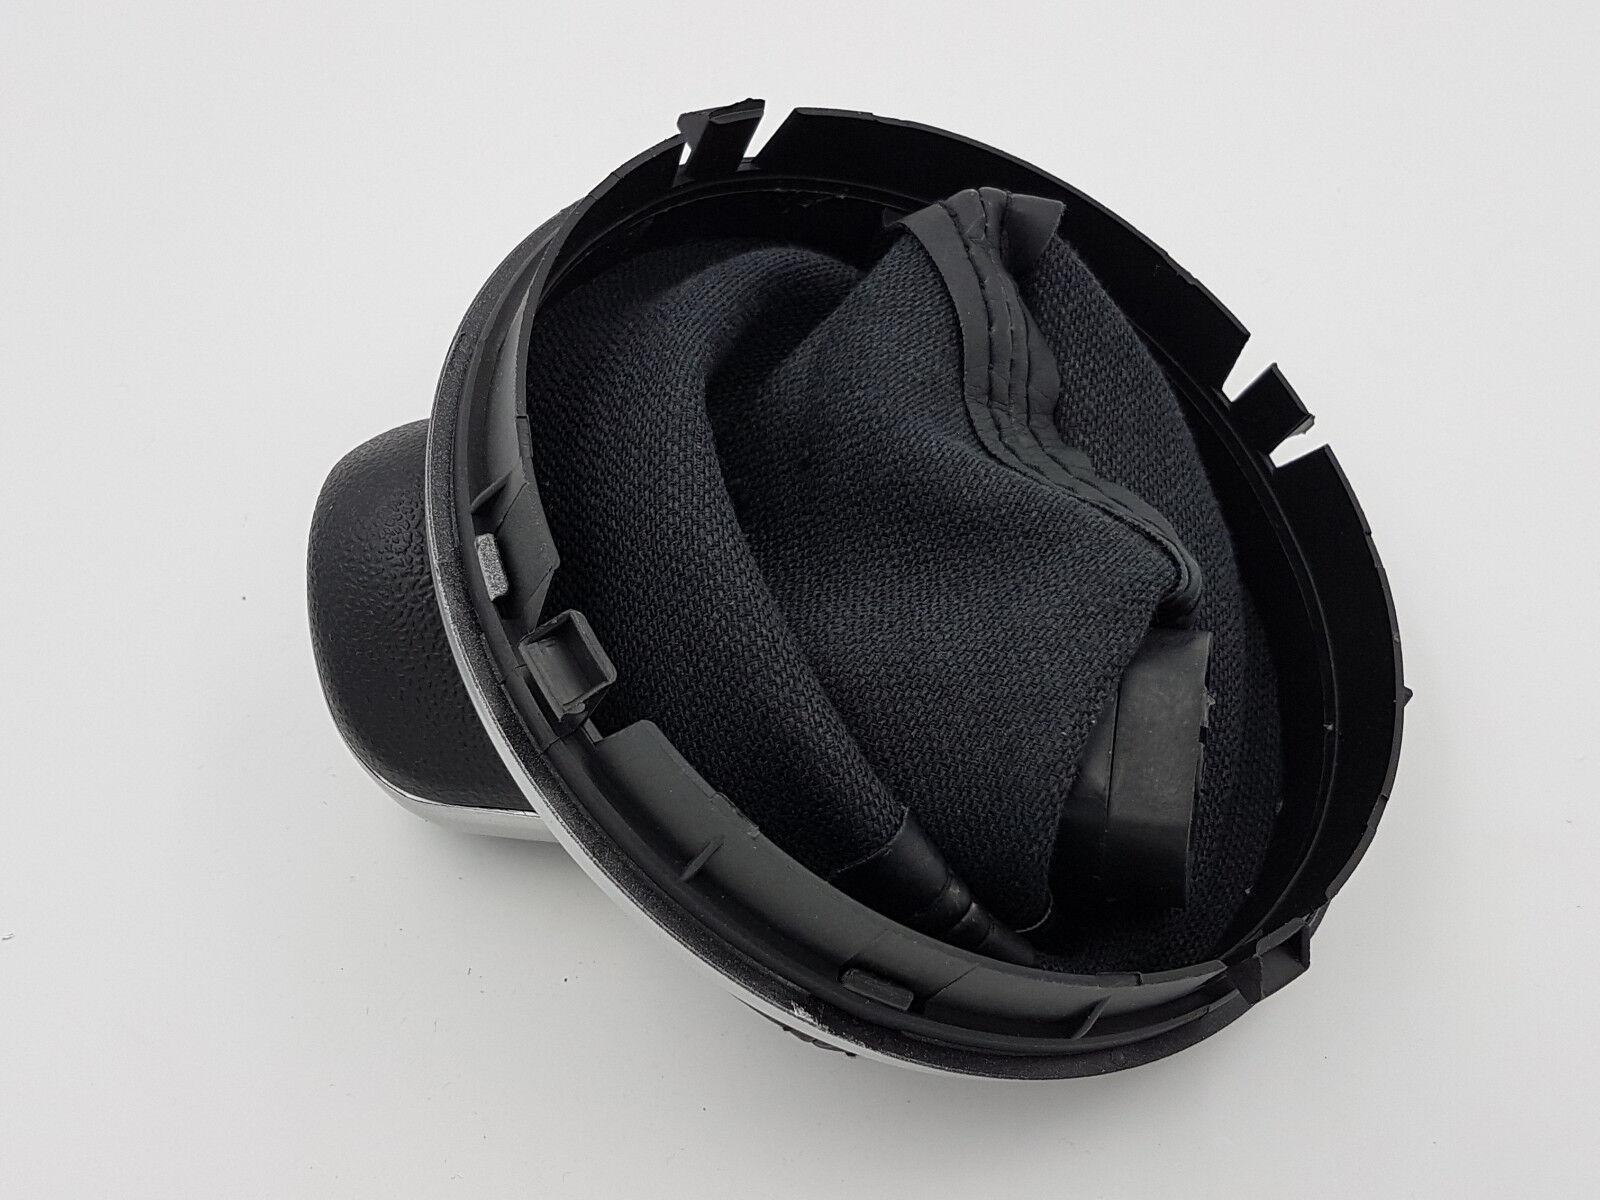 Febi Bilstein Butée de tampon Suspension 36848 arrière pour Peugeot 1007 1.4 16 V IDH bas